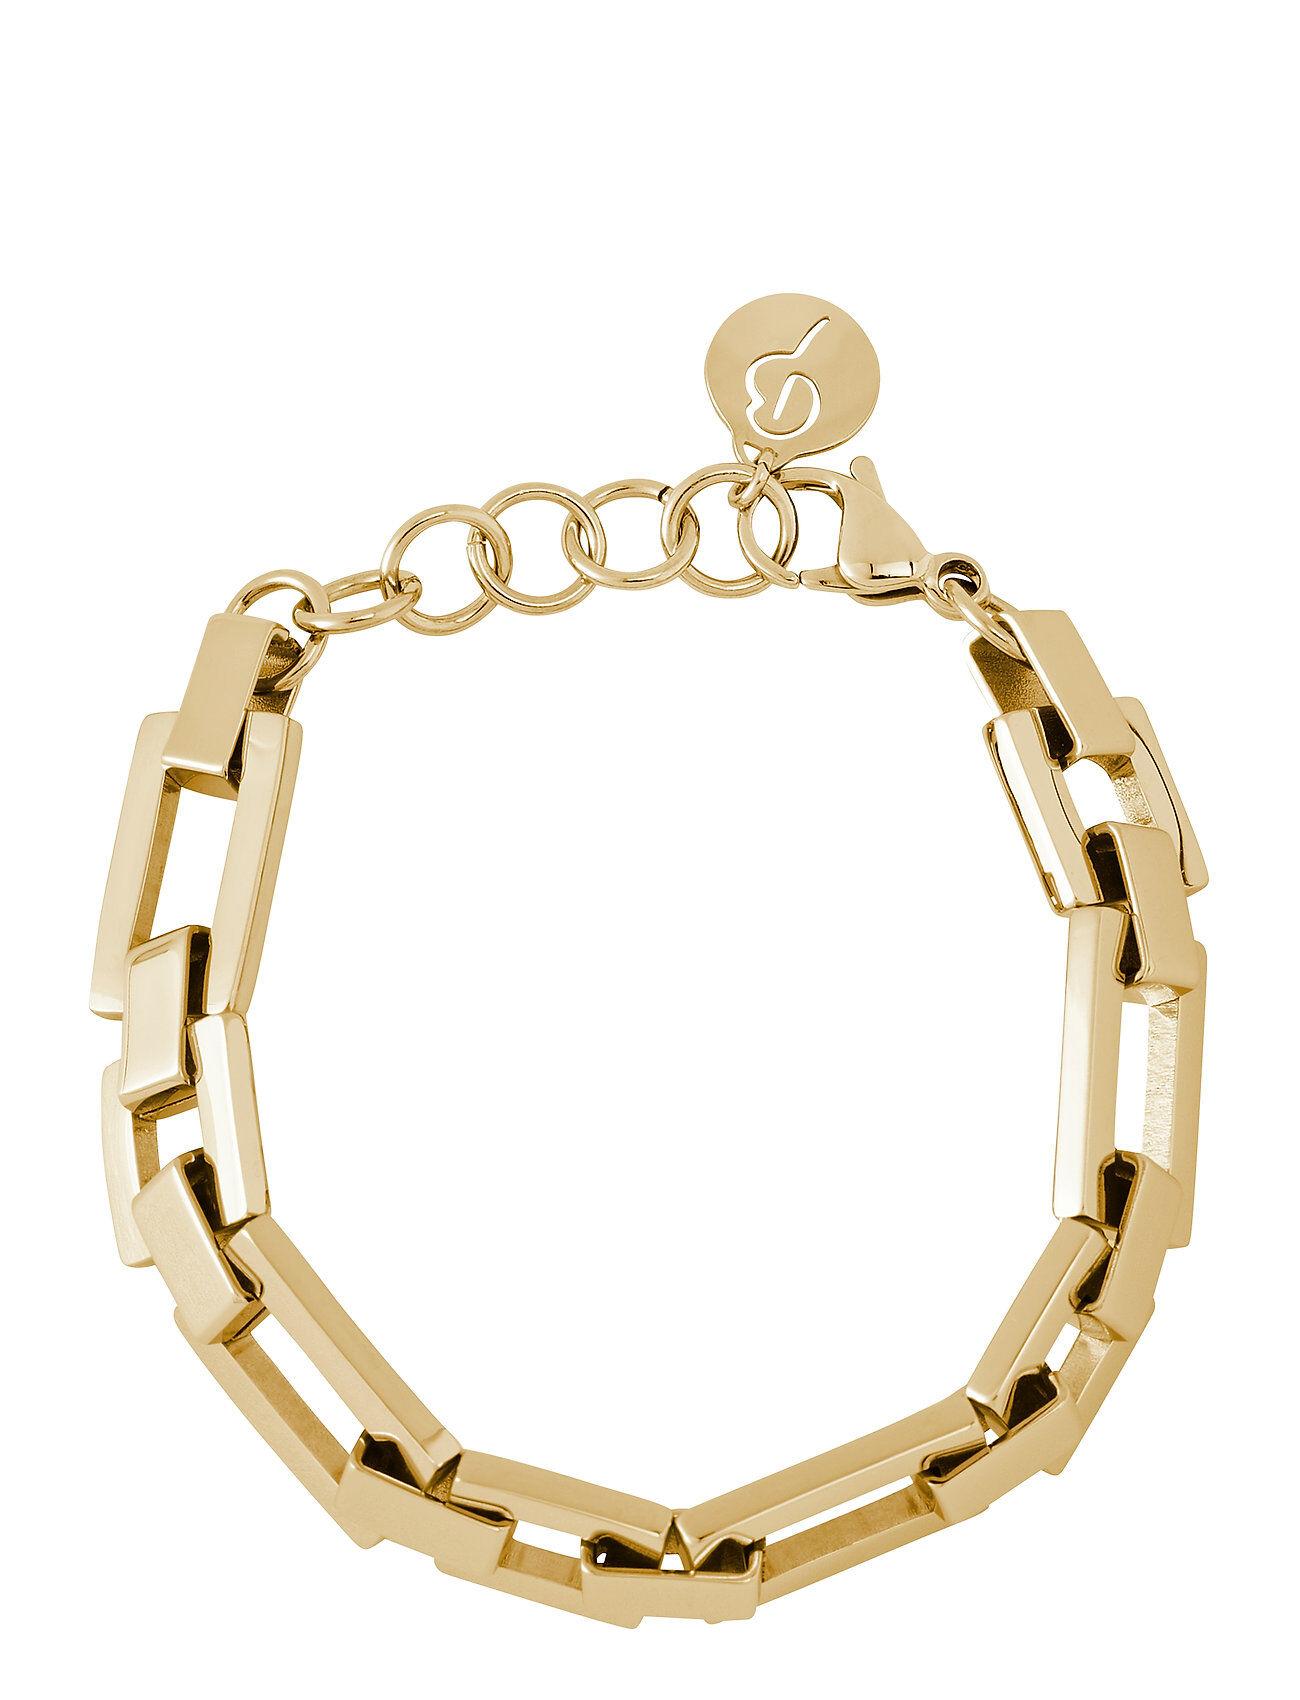 Edblad Deco Bracelet Accessories Jewellery Bracelets Bangles Kulta Edblad